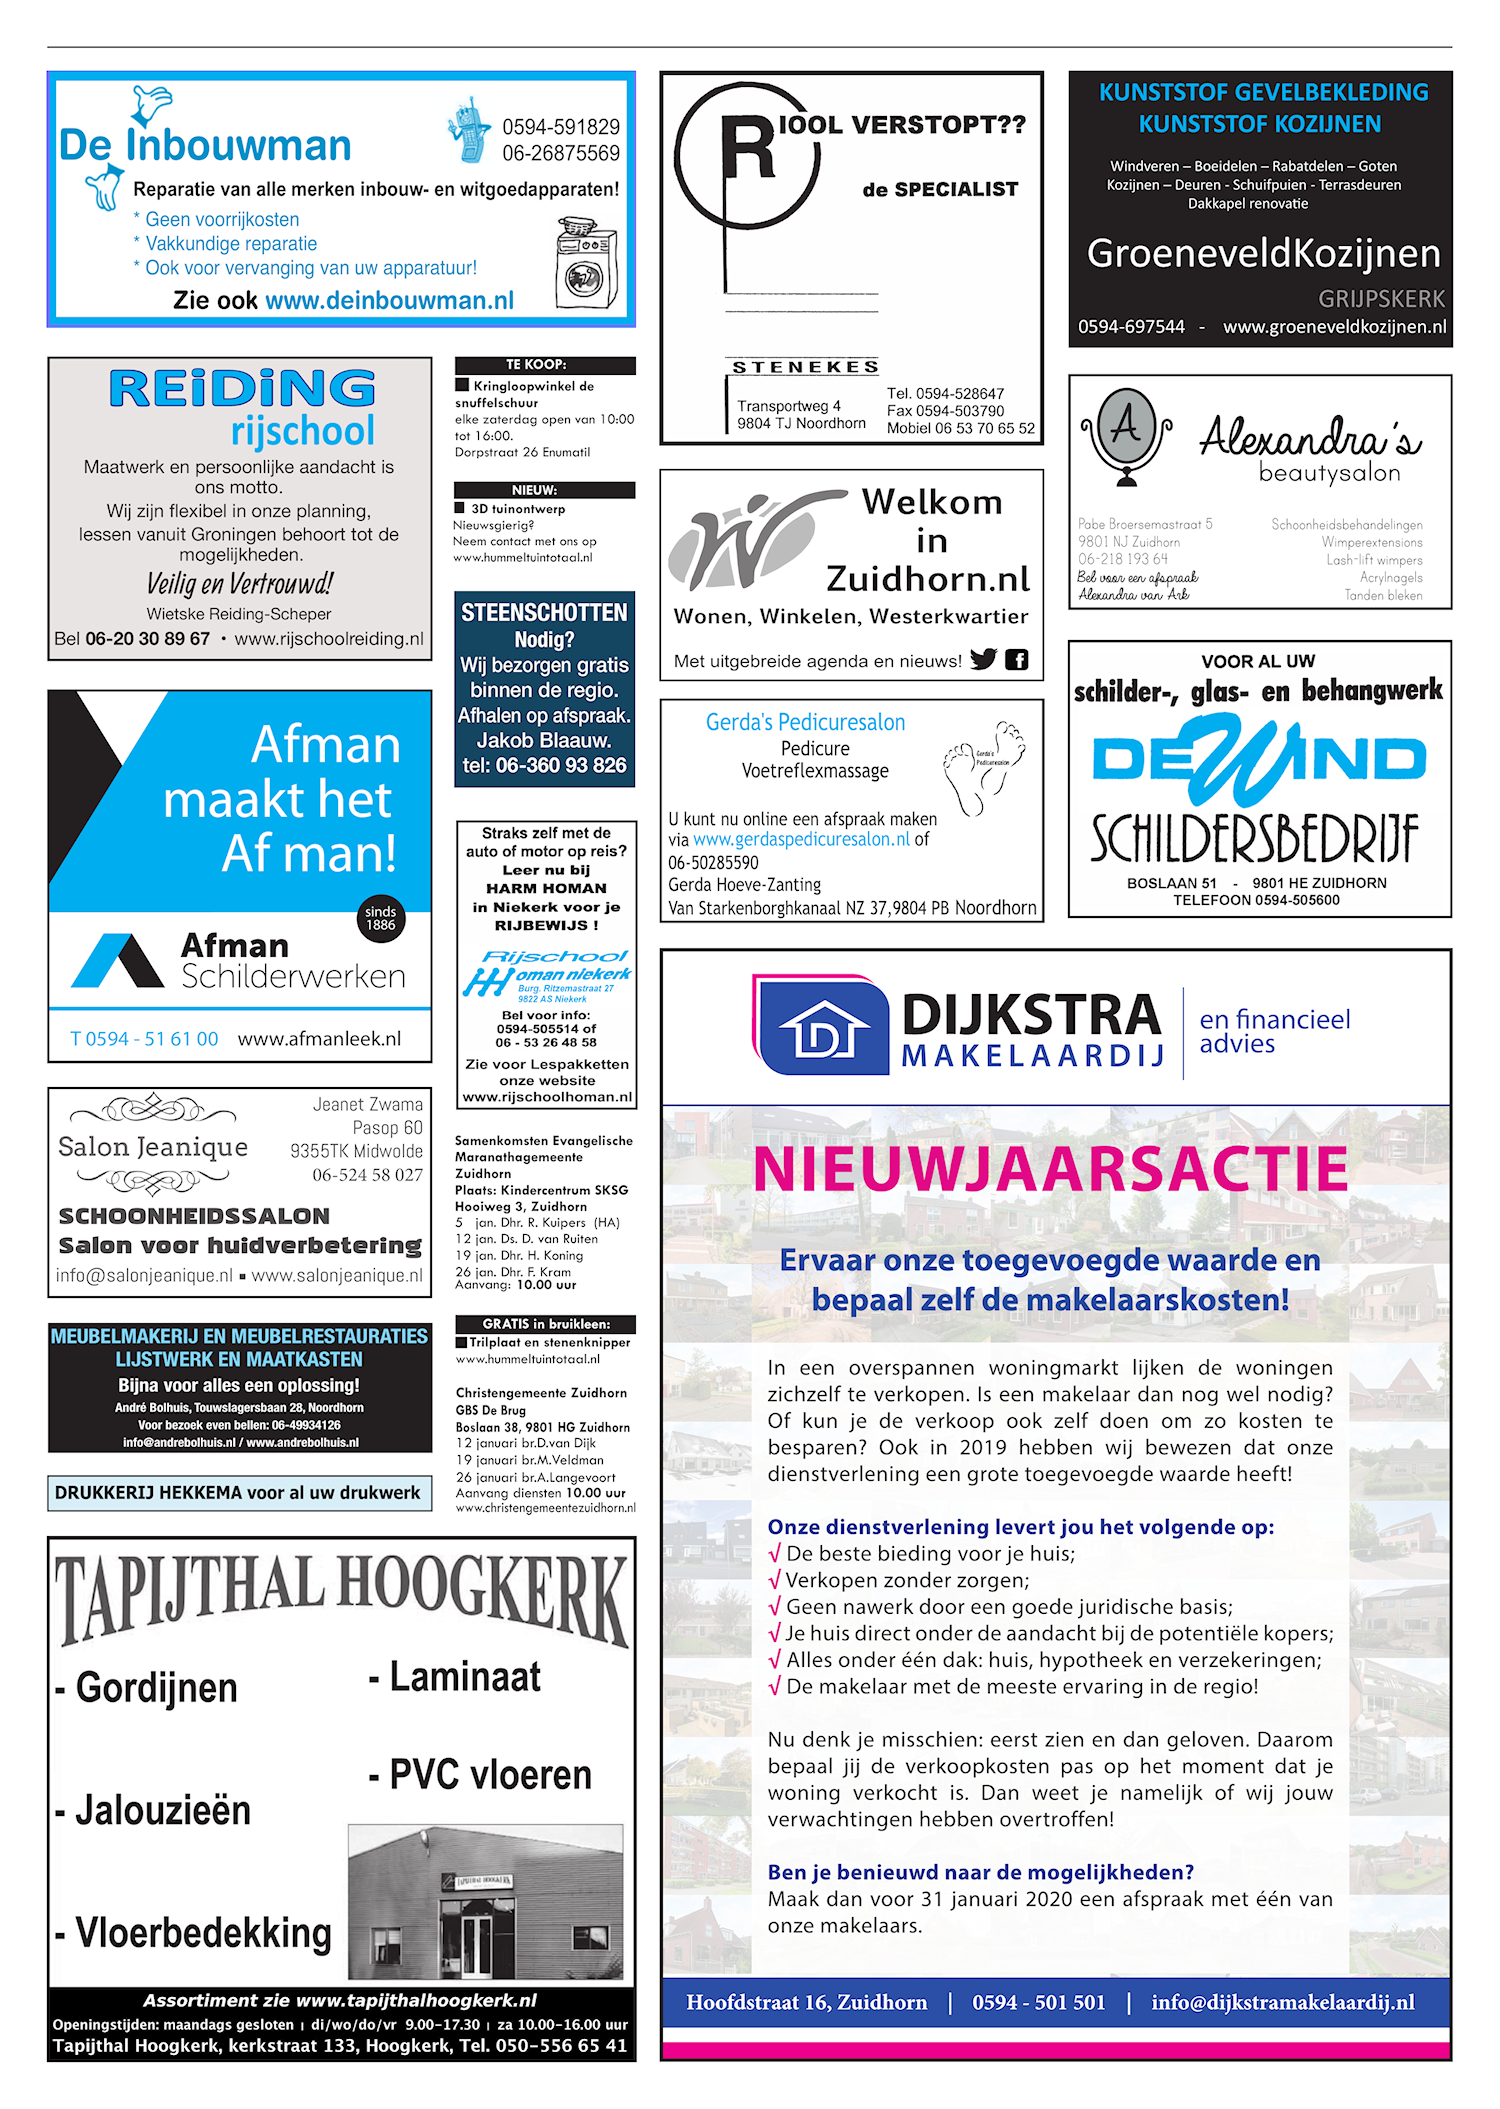 Drukkerij Hekkema - Zuidhorn - Zaken die uw aandacht vragen 2020 week 2